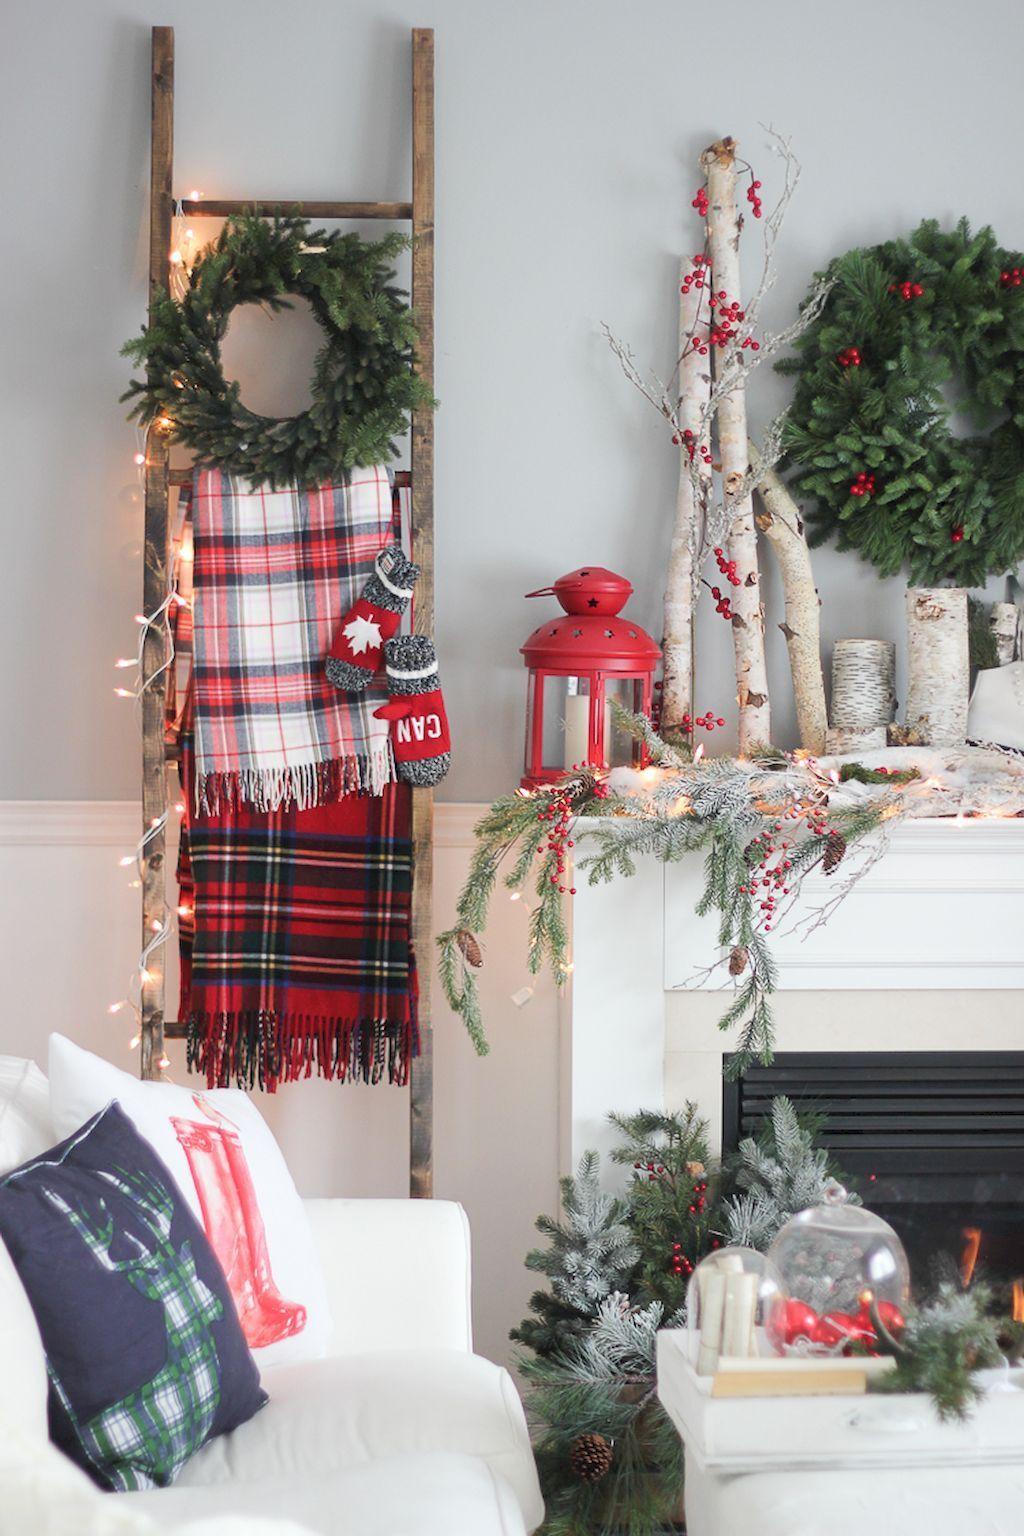 farmhouse christmas decorating ideas 21 - Farmhouse Christmas Decor Pinterest